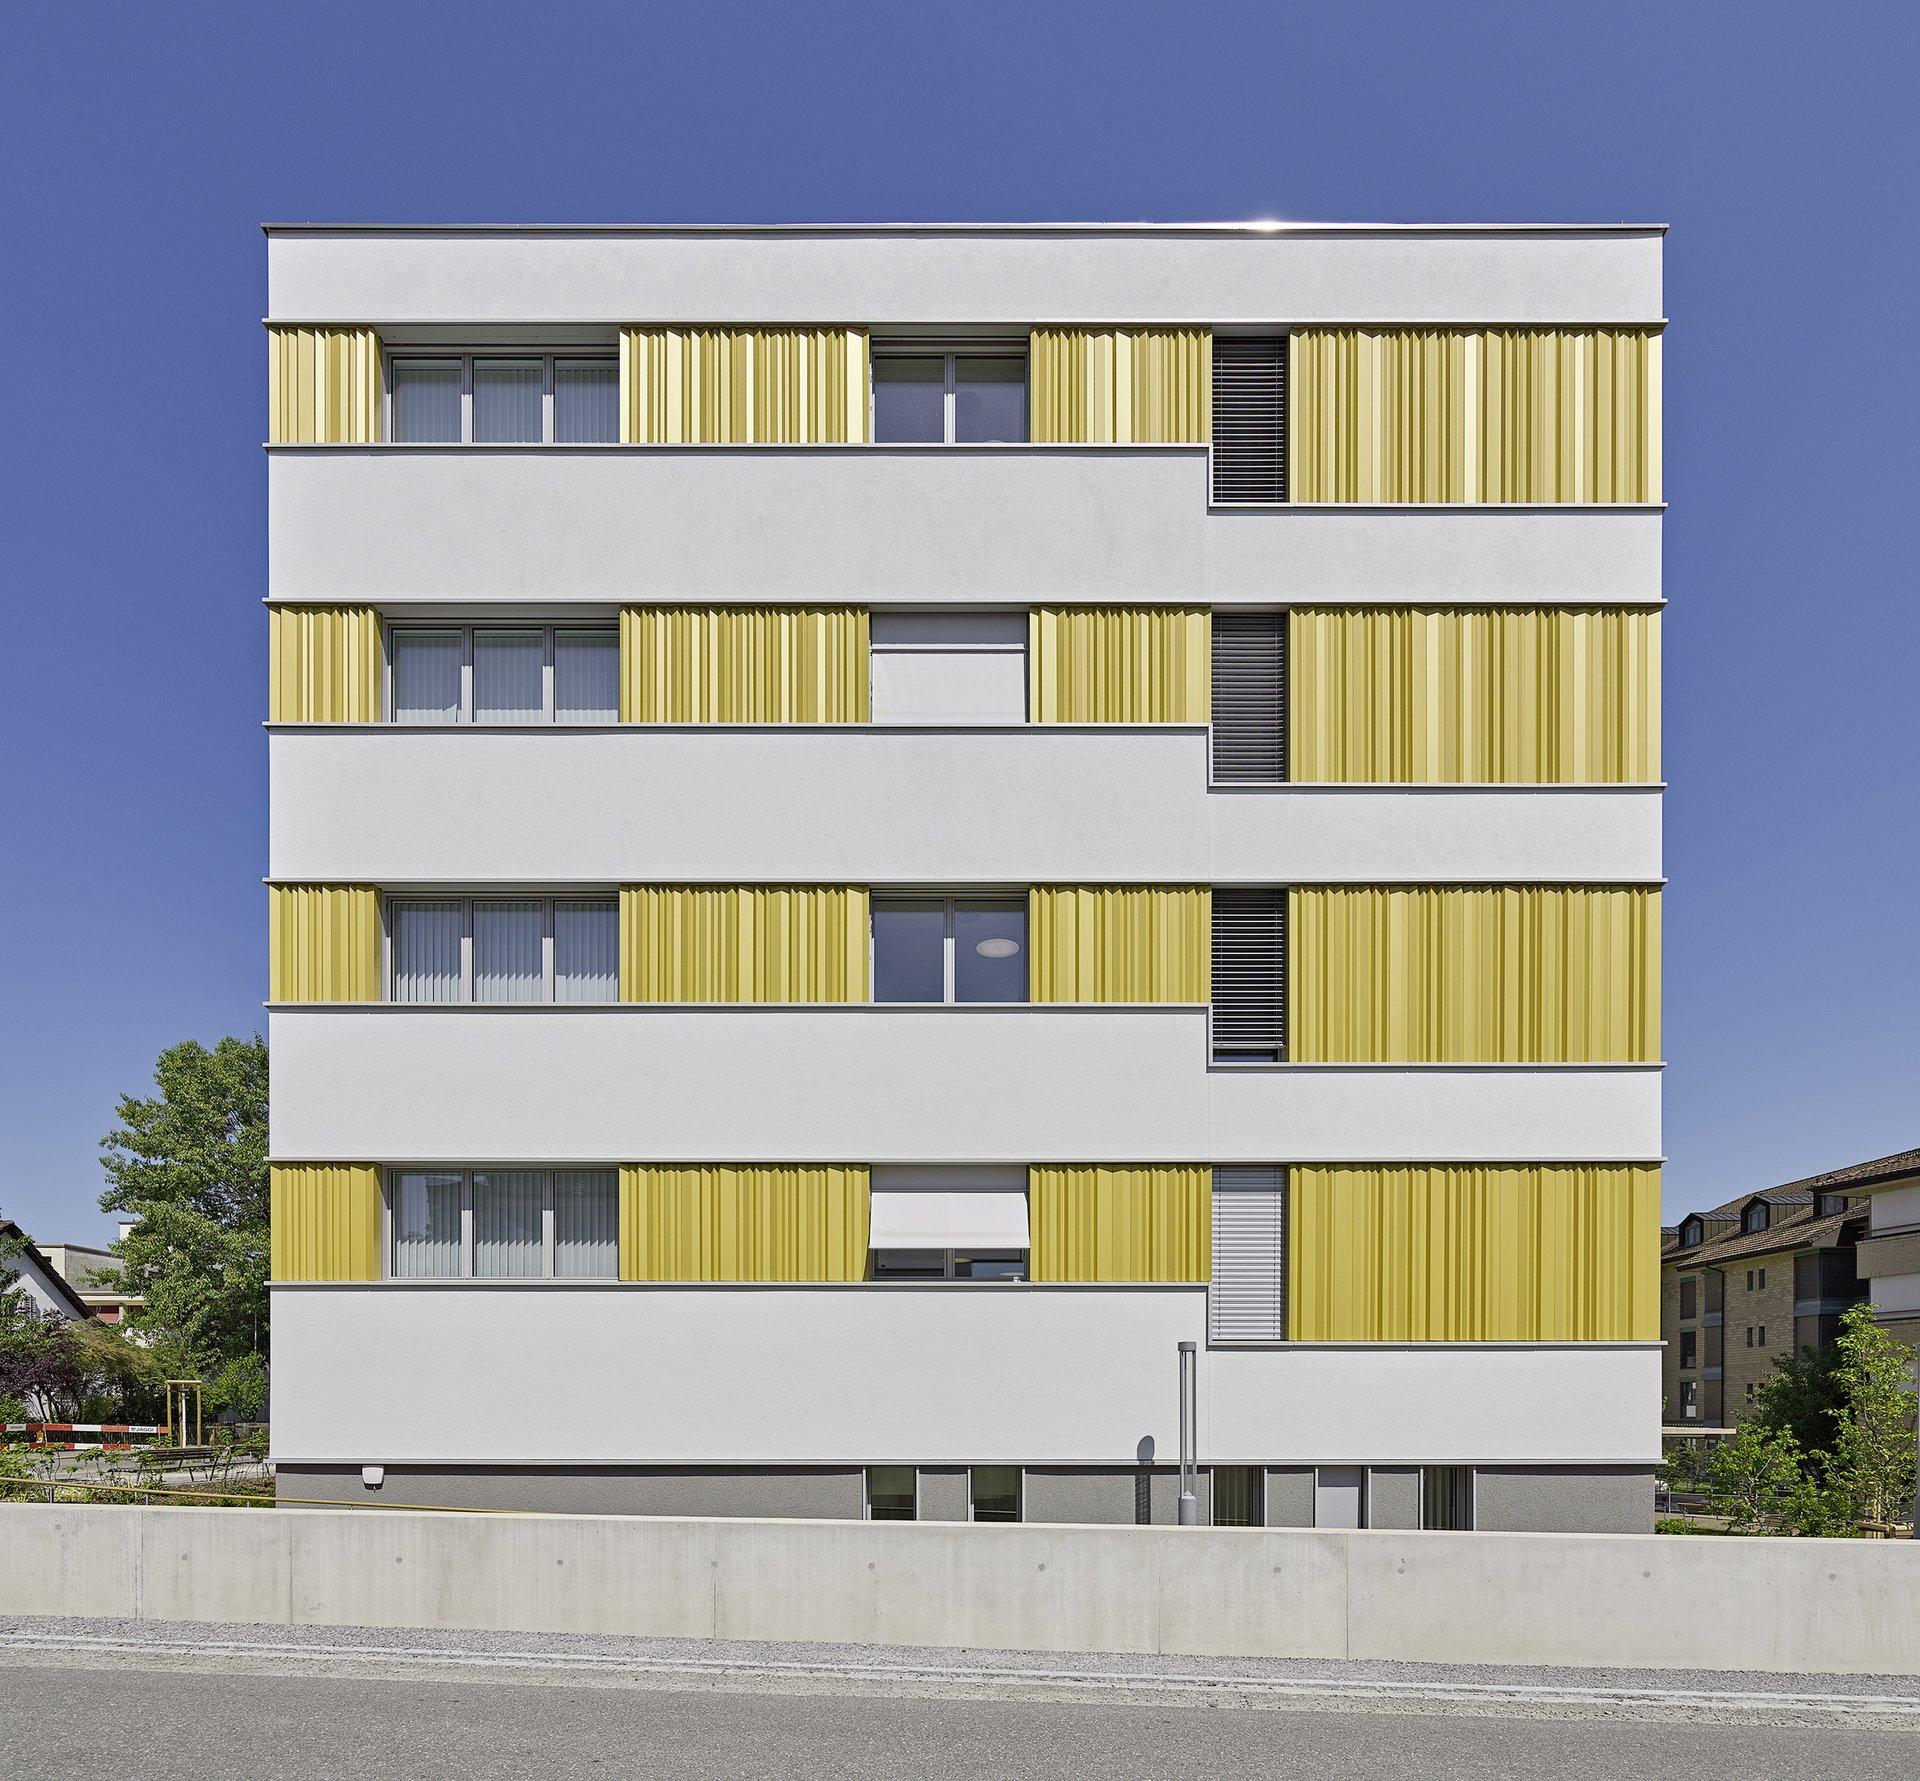 Einflügelfenster verschieden gross in gelber Fassadenkonstruktion